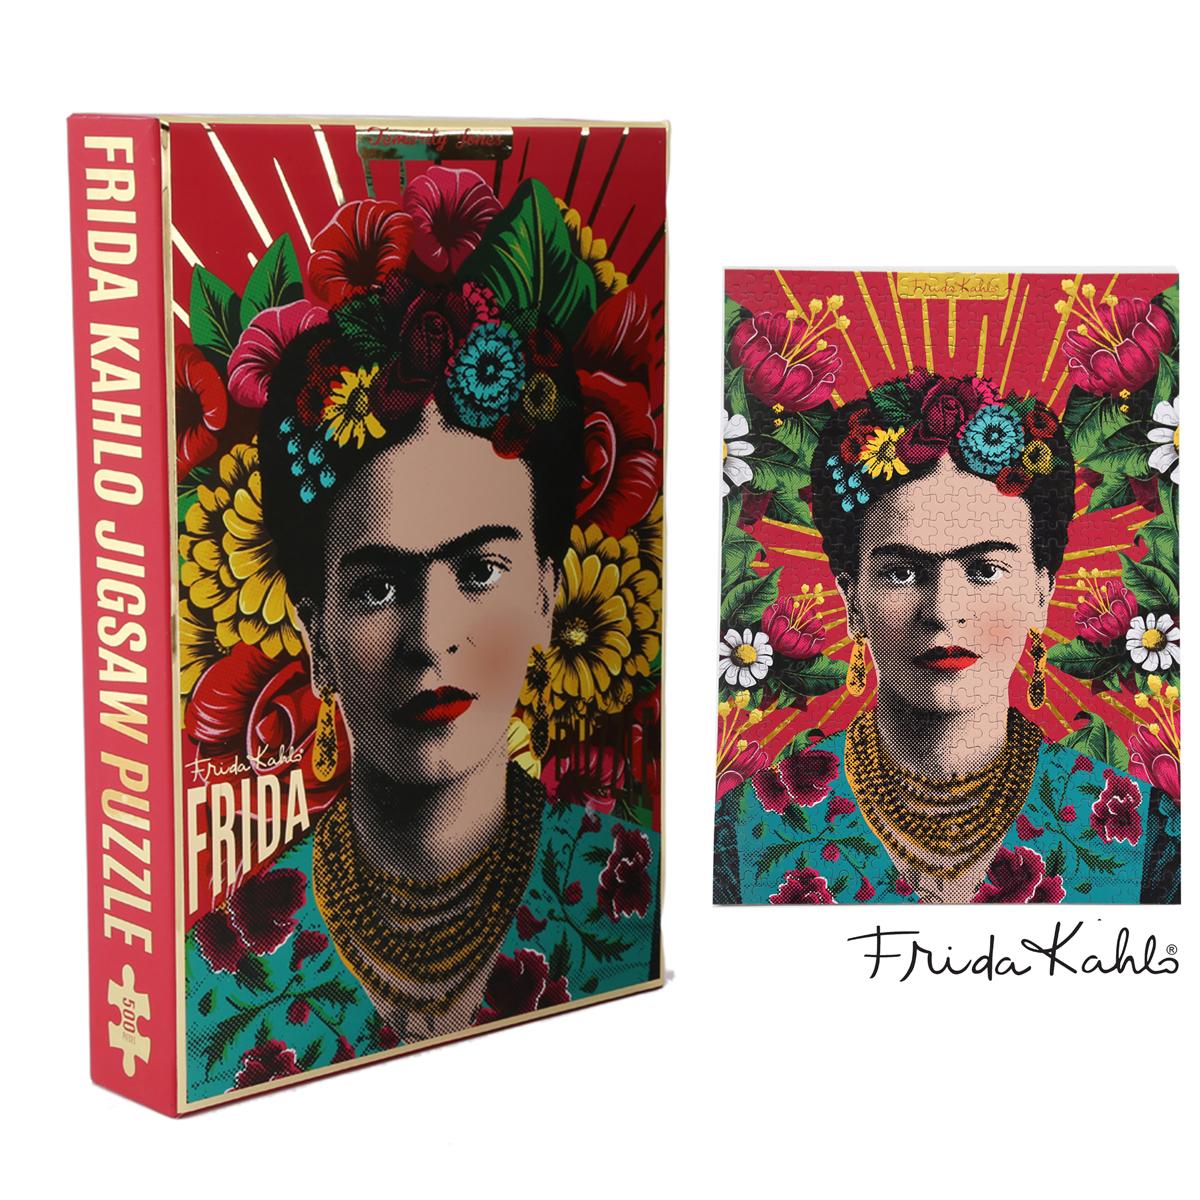 Puzzle créateur \'Frida Kahlo\' rose - 48x35 cm (500 pièces) - [A1407]